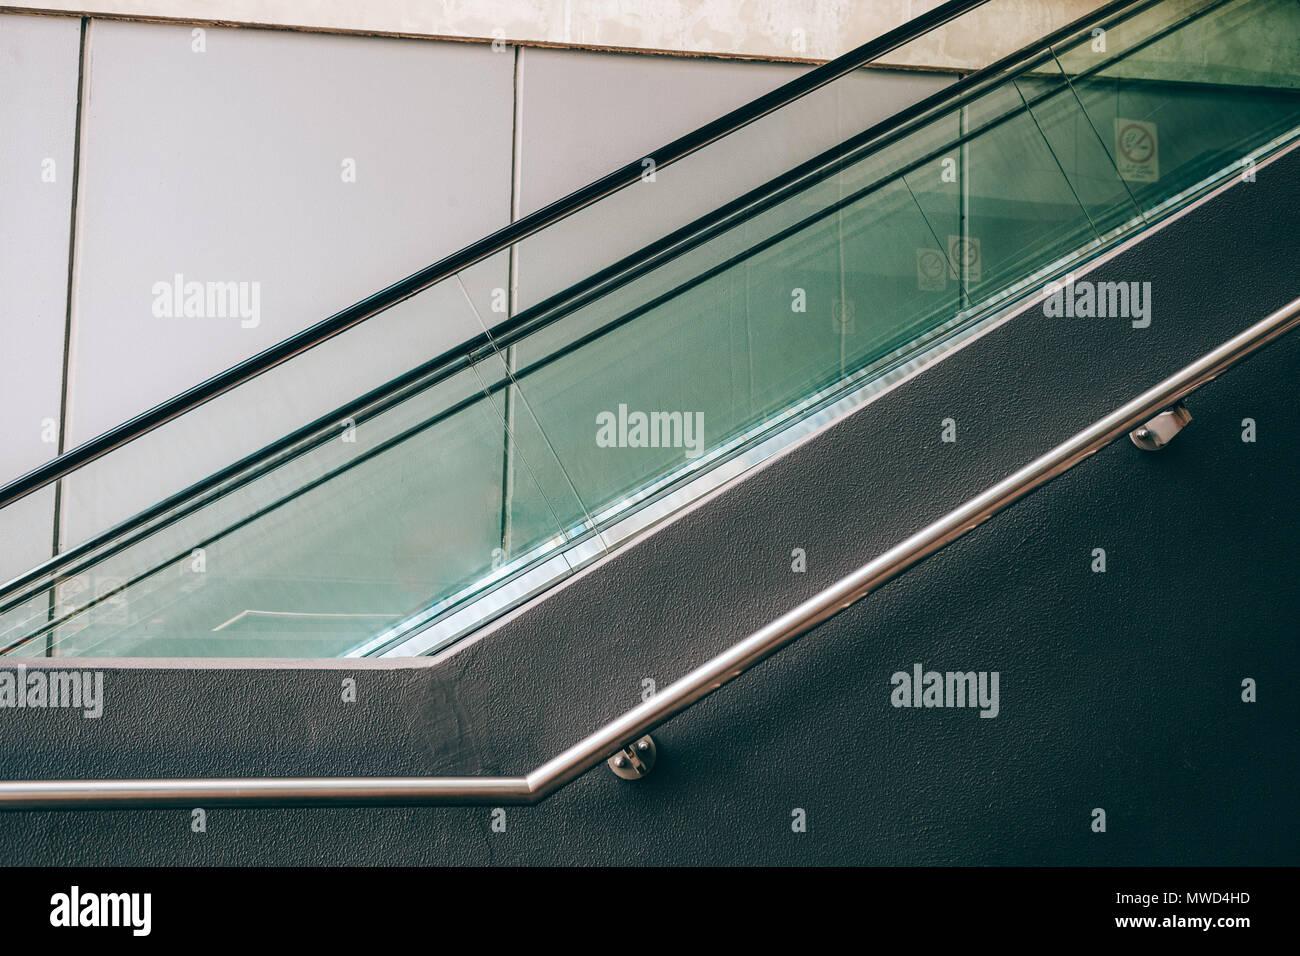 Fragment der Rolltreppe und Handlauf - Geometrische architecturall Detail Stockfoto